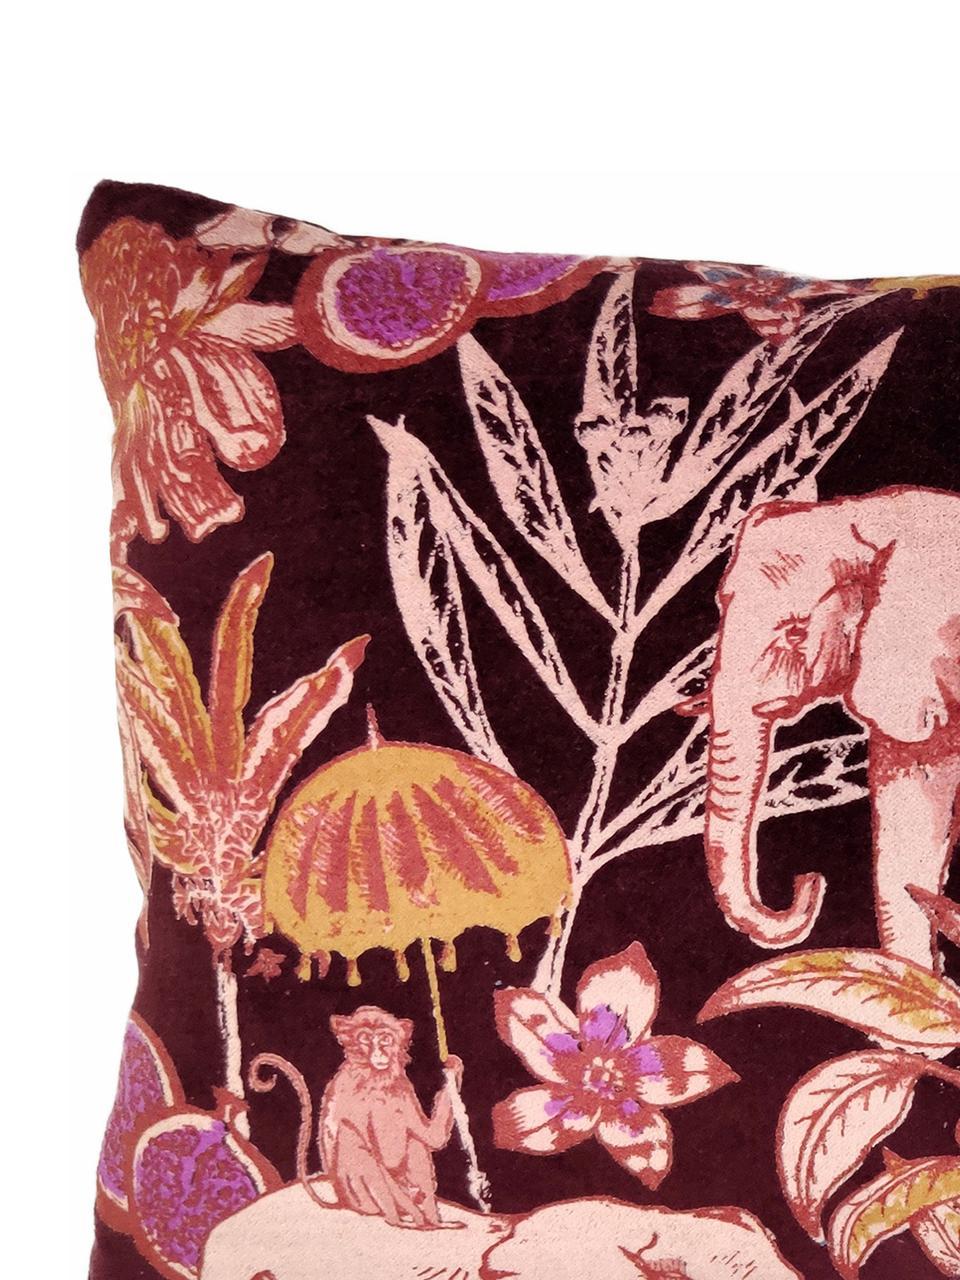 Cuscino in velluto con imbottitura Elephant, Rivestimento: 100% cotone, velluto, Rosso bordeaux, multicolore, Larg. 30 x Lung. 50 cm